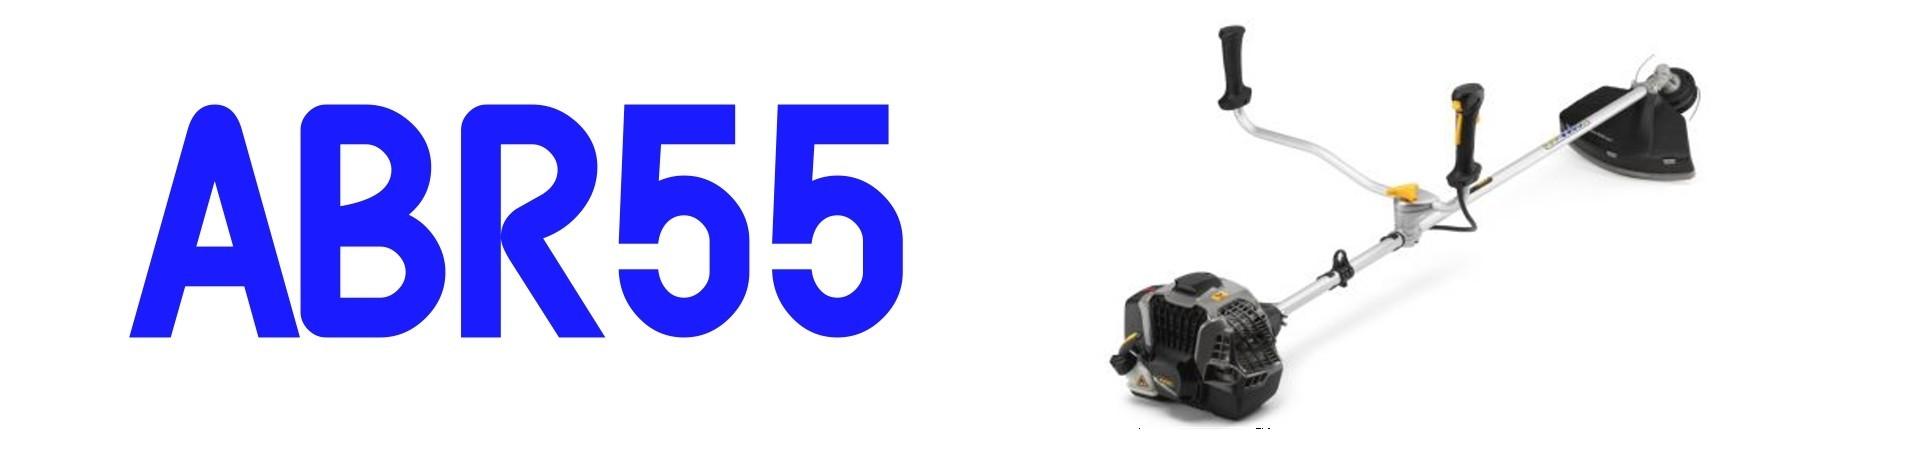 RECAMBIOS Desbrozadora Alpina ABR55 al Mejor PRECIO